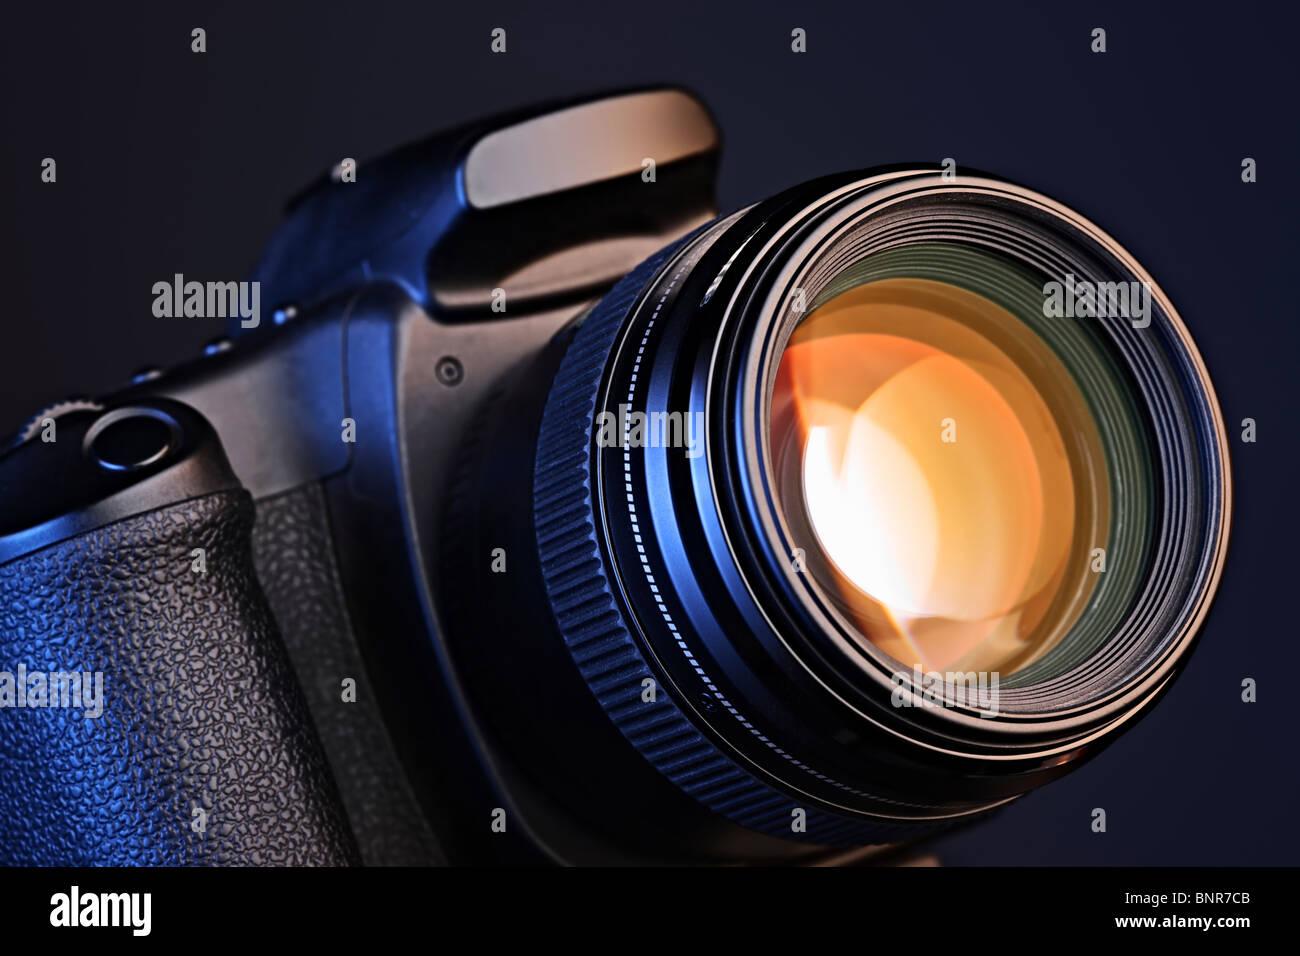 Digitale Kamera mit einem Objektiv Stockbild